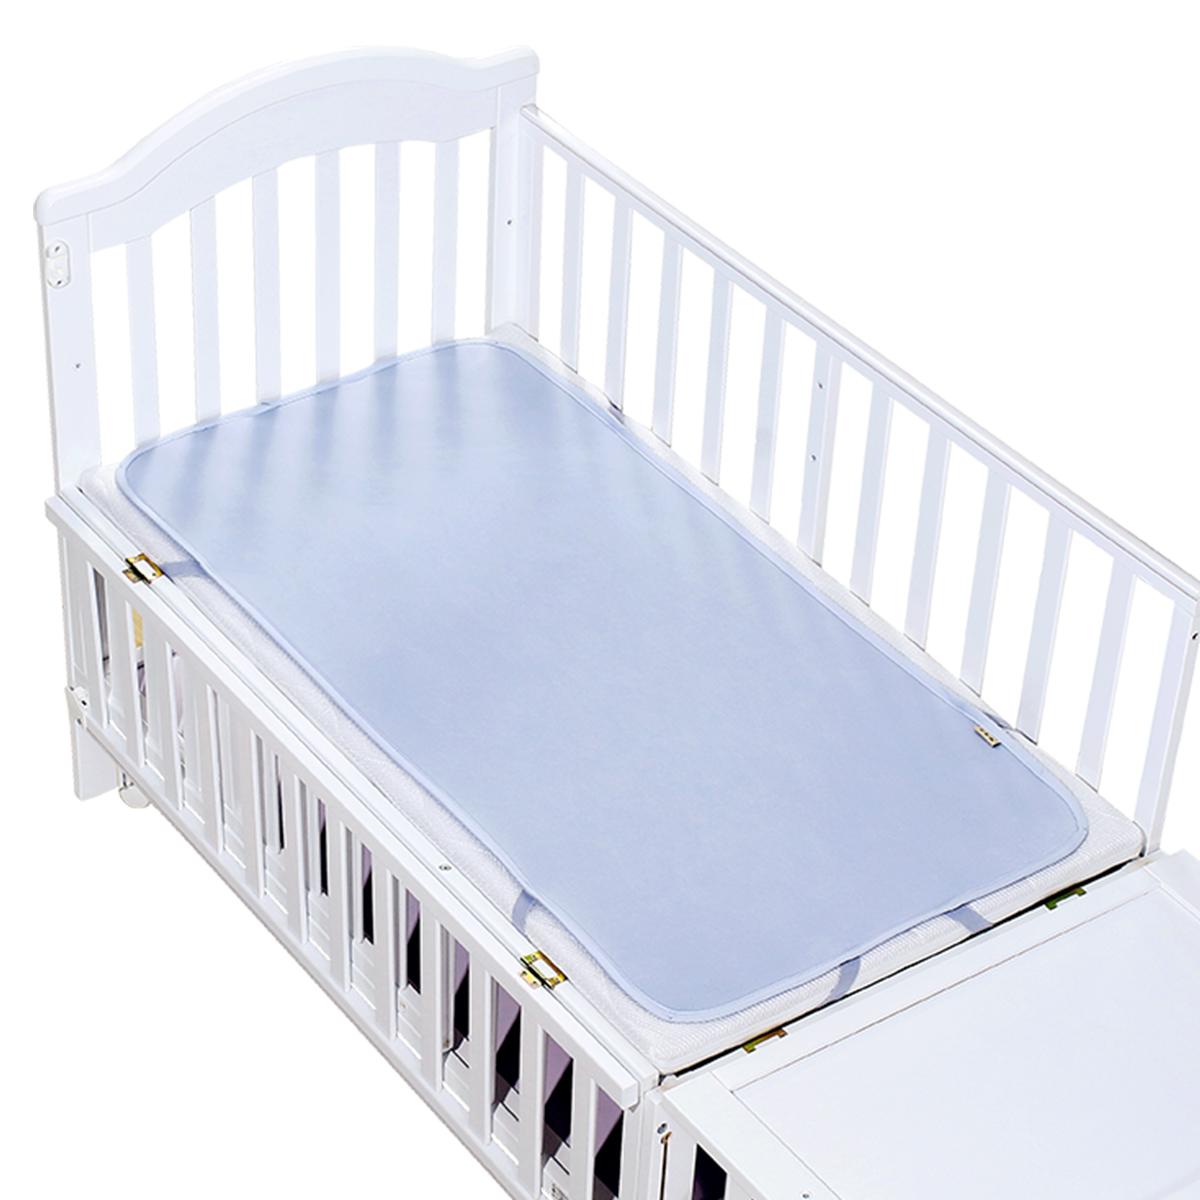 黃古林 HG-4127 嬰兒涼席